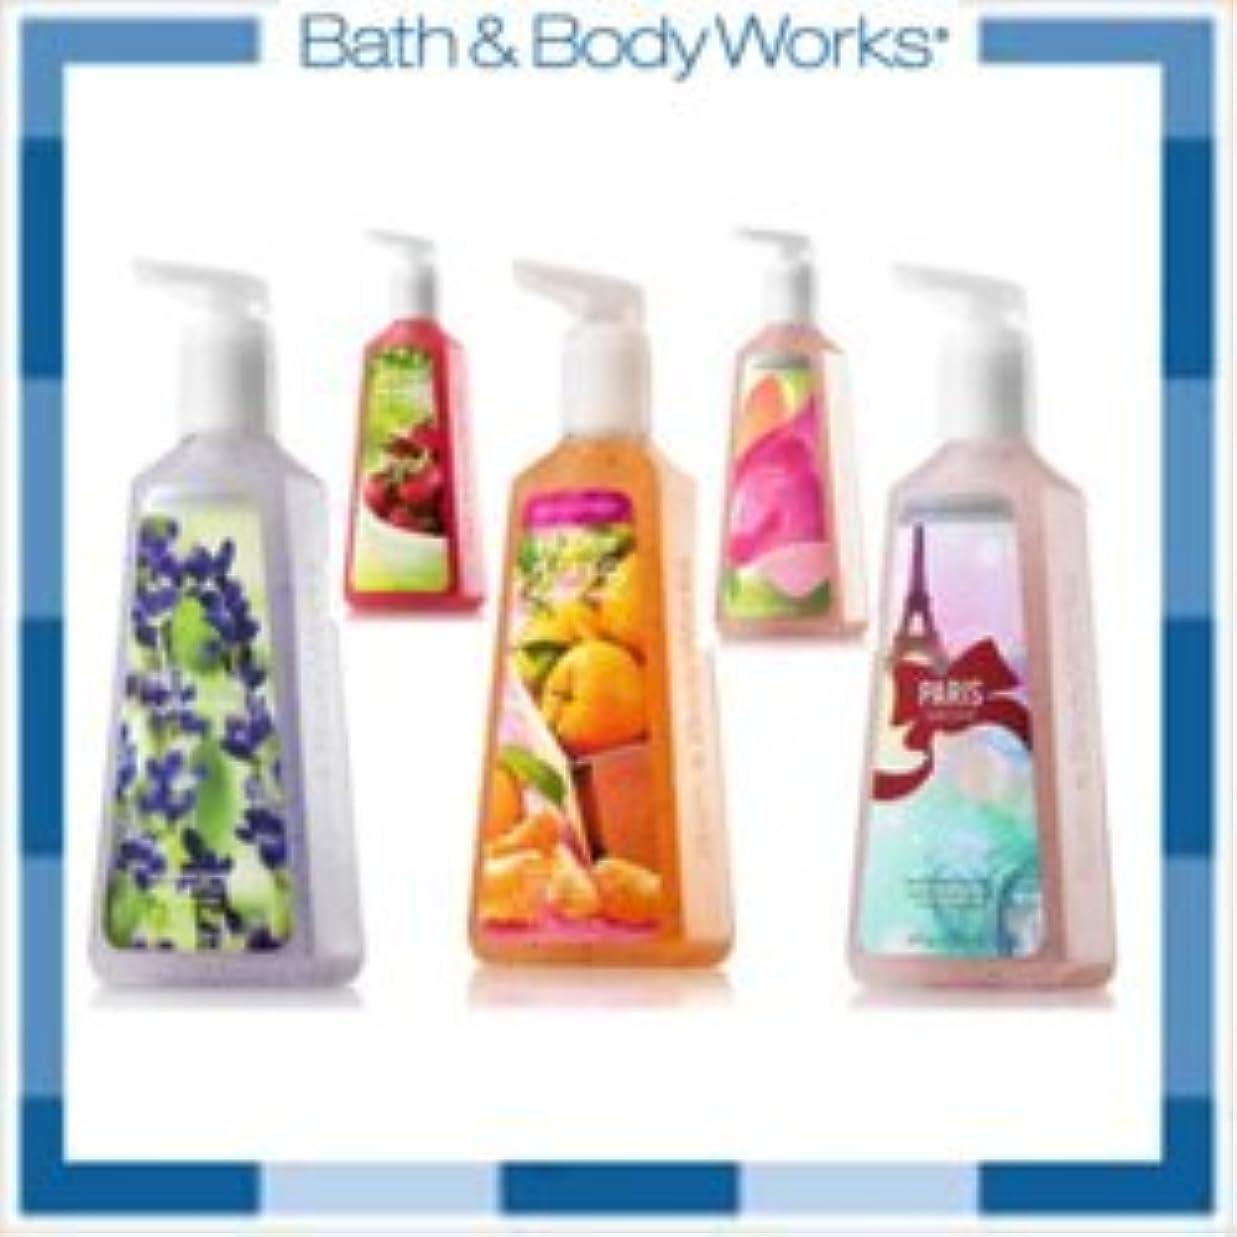 趣味で出来ている本会議Bath & Body Works ハンドソープ 8本詰め合わせセット (???????、??????????????or MIX) 【平行輸入品】 (ディープクレンジング  (8本))